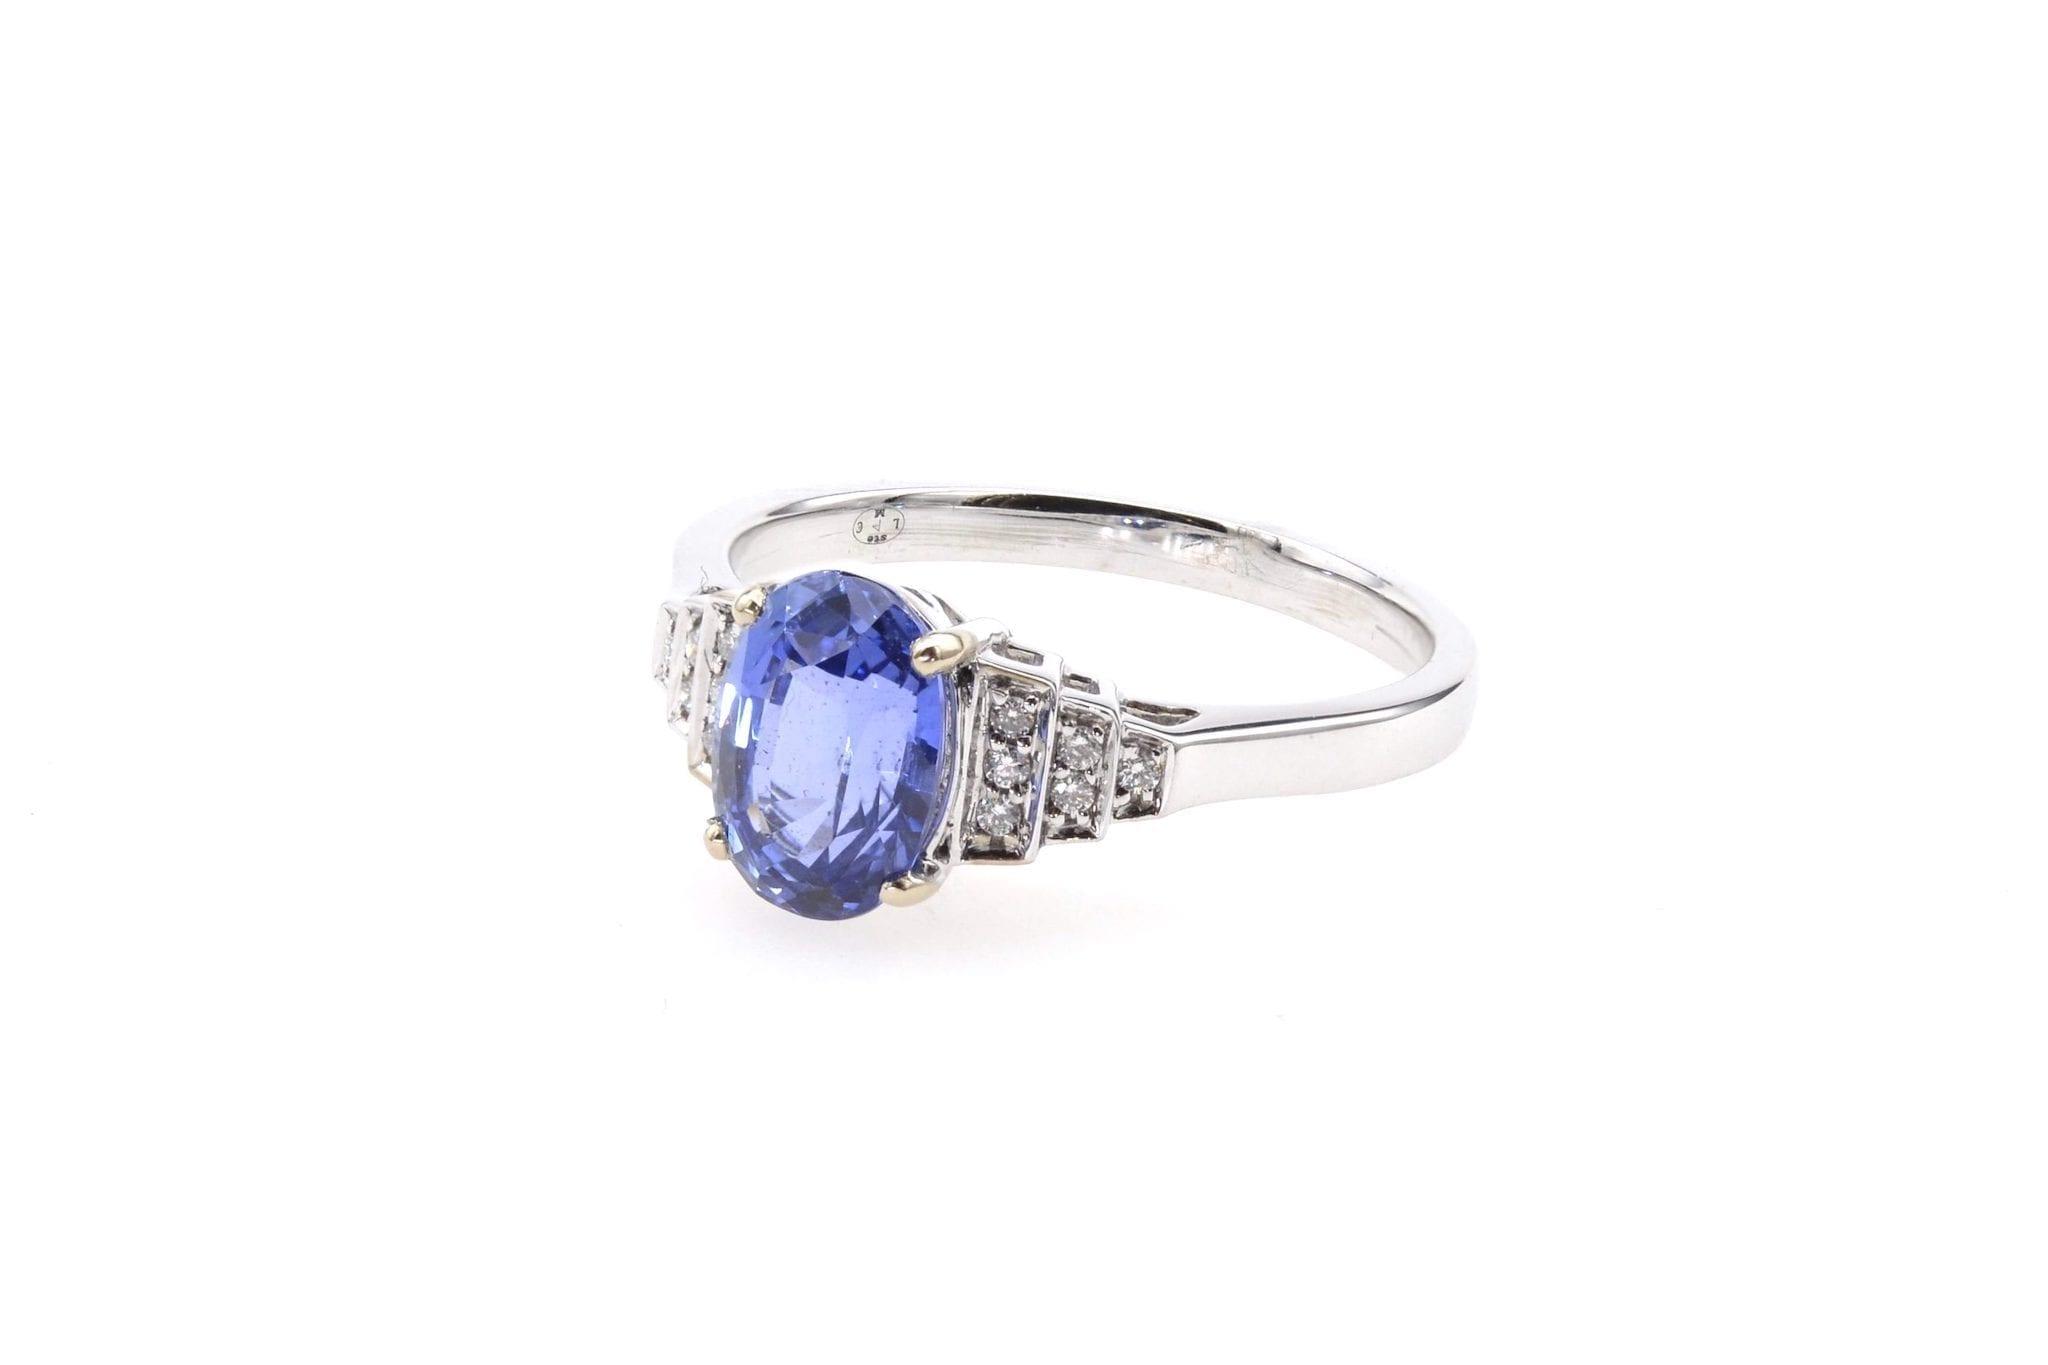 Bague saphir diamants en or blanc 18k